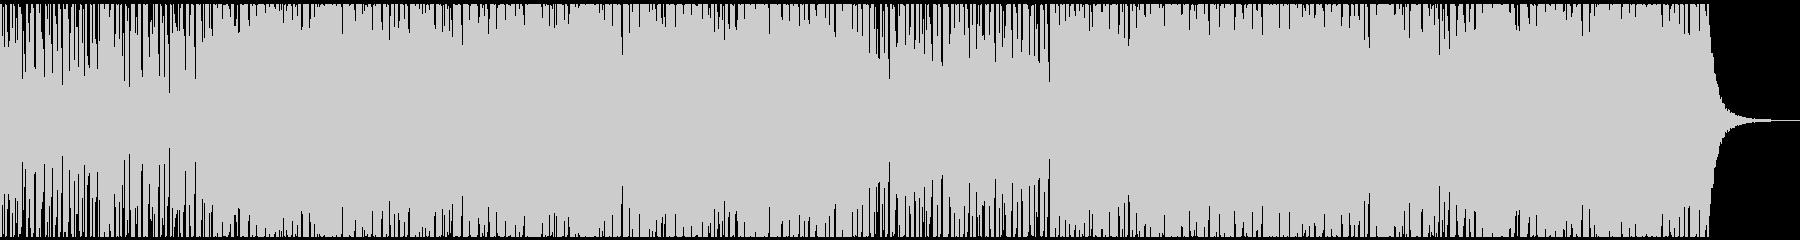 ファンキーなギターインストの未再生の波形